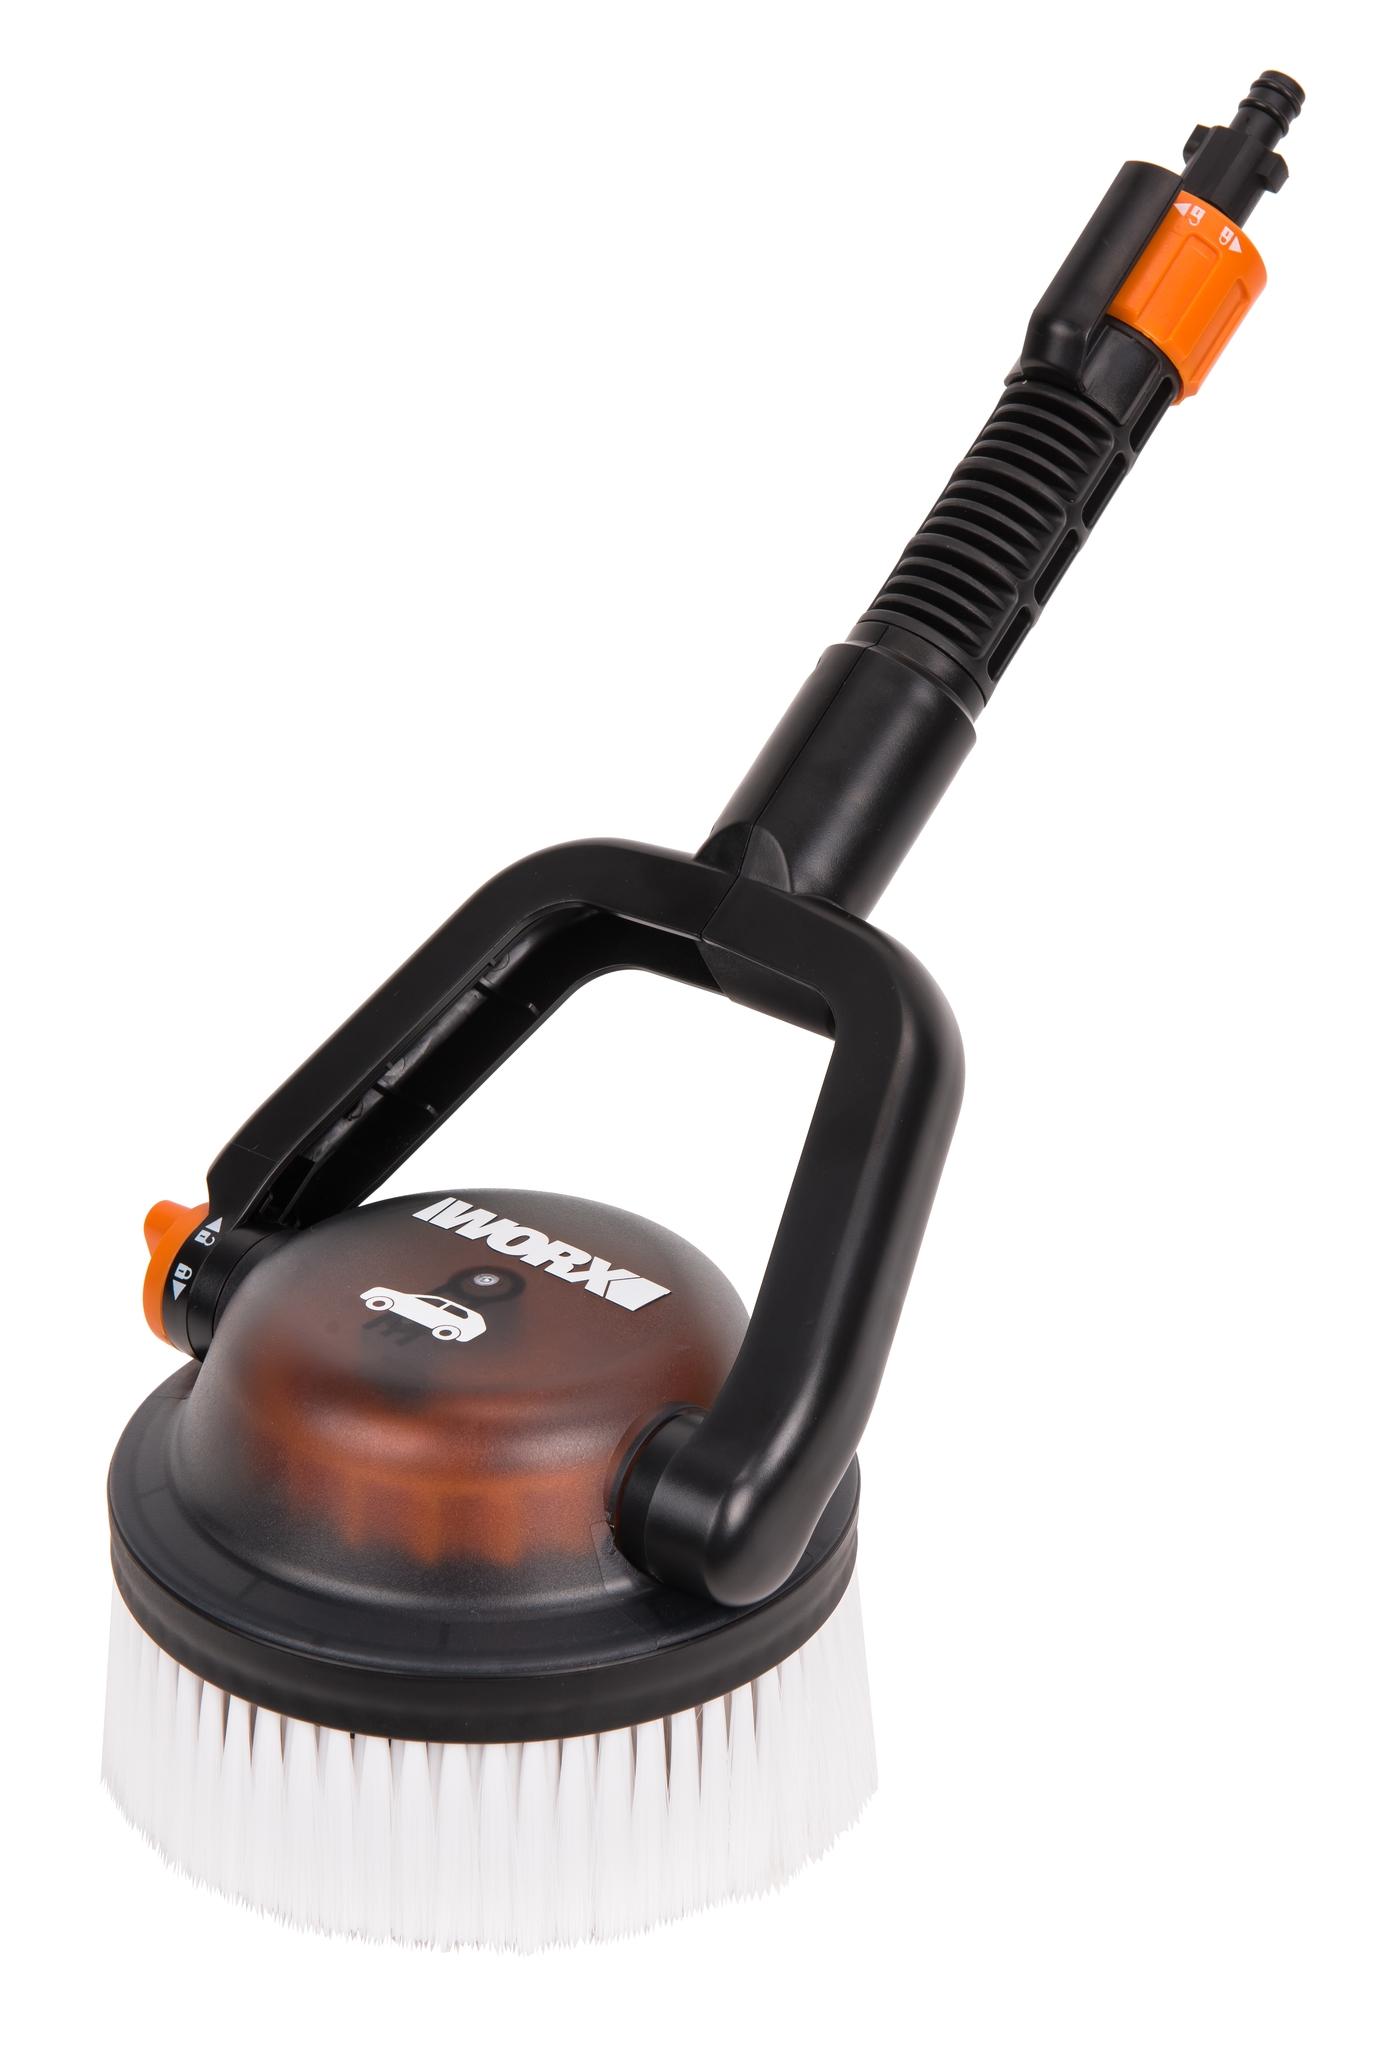 Щетка роторная для автомобиля для аккумуляторной мойки высокого давления WORX WA1820